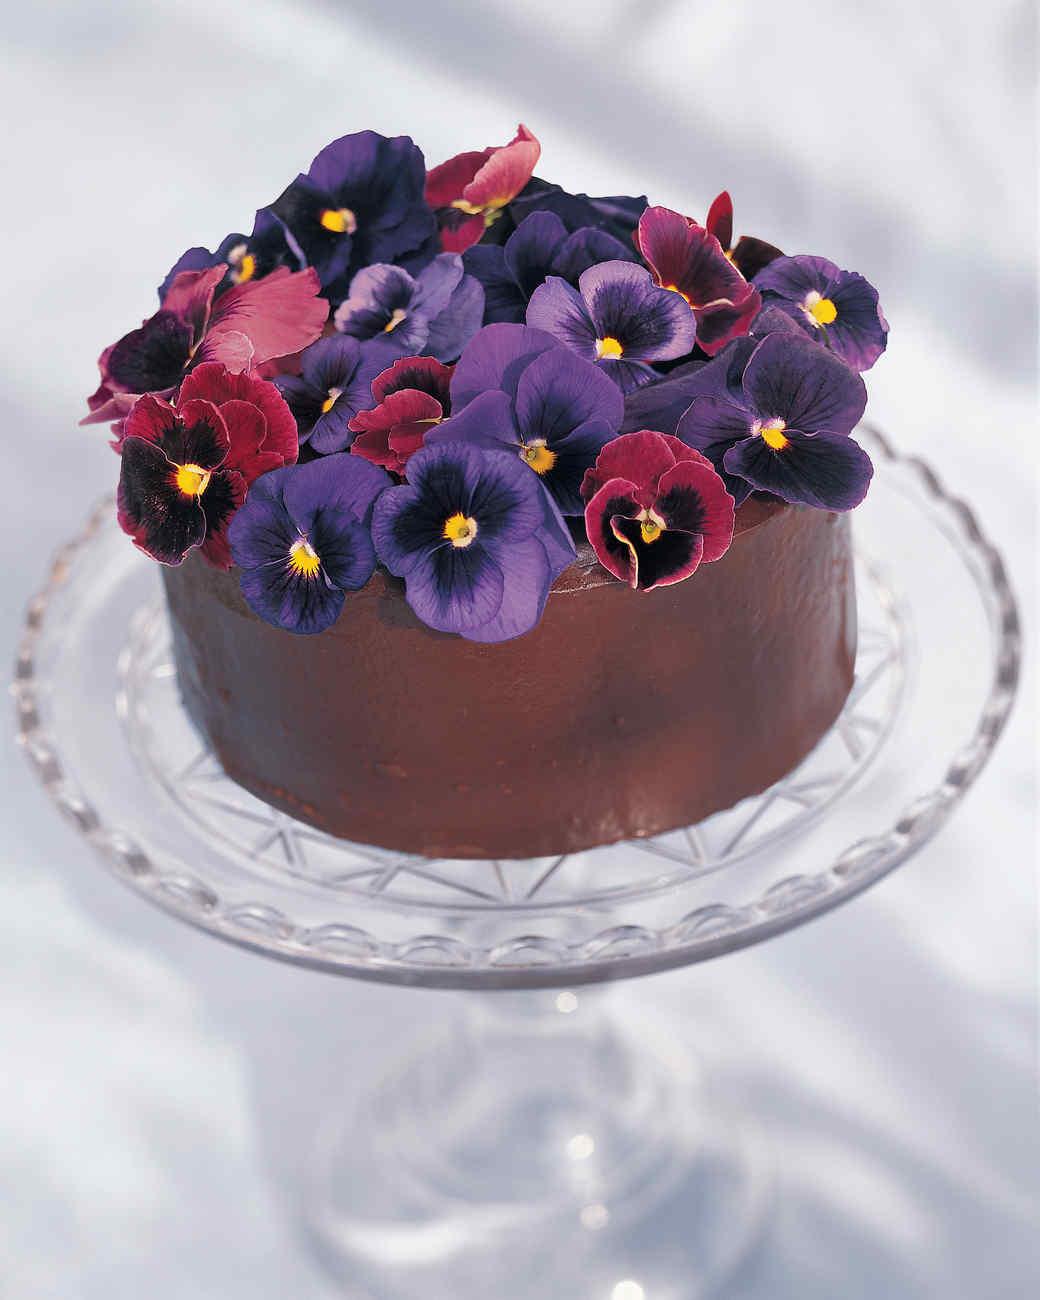 Chocolate Pansy Cake